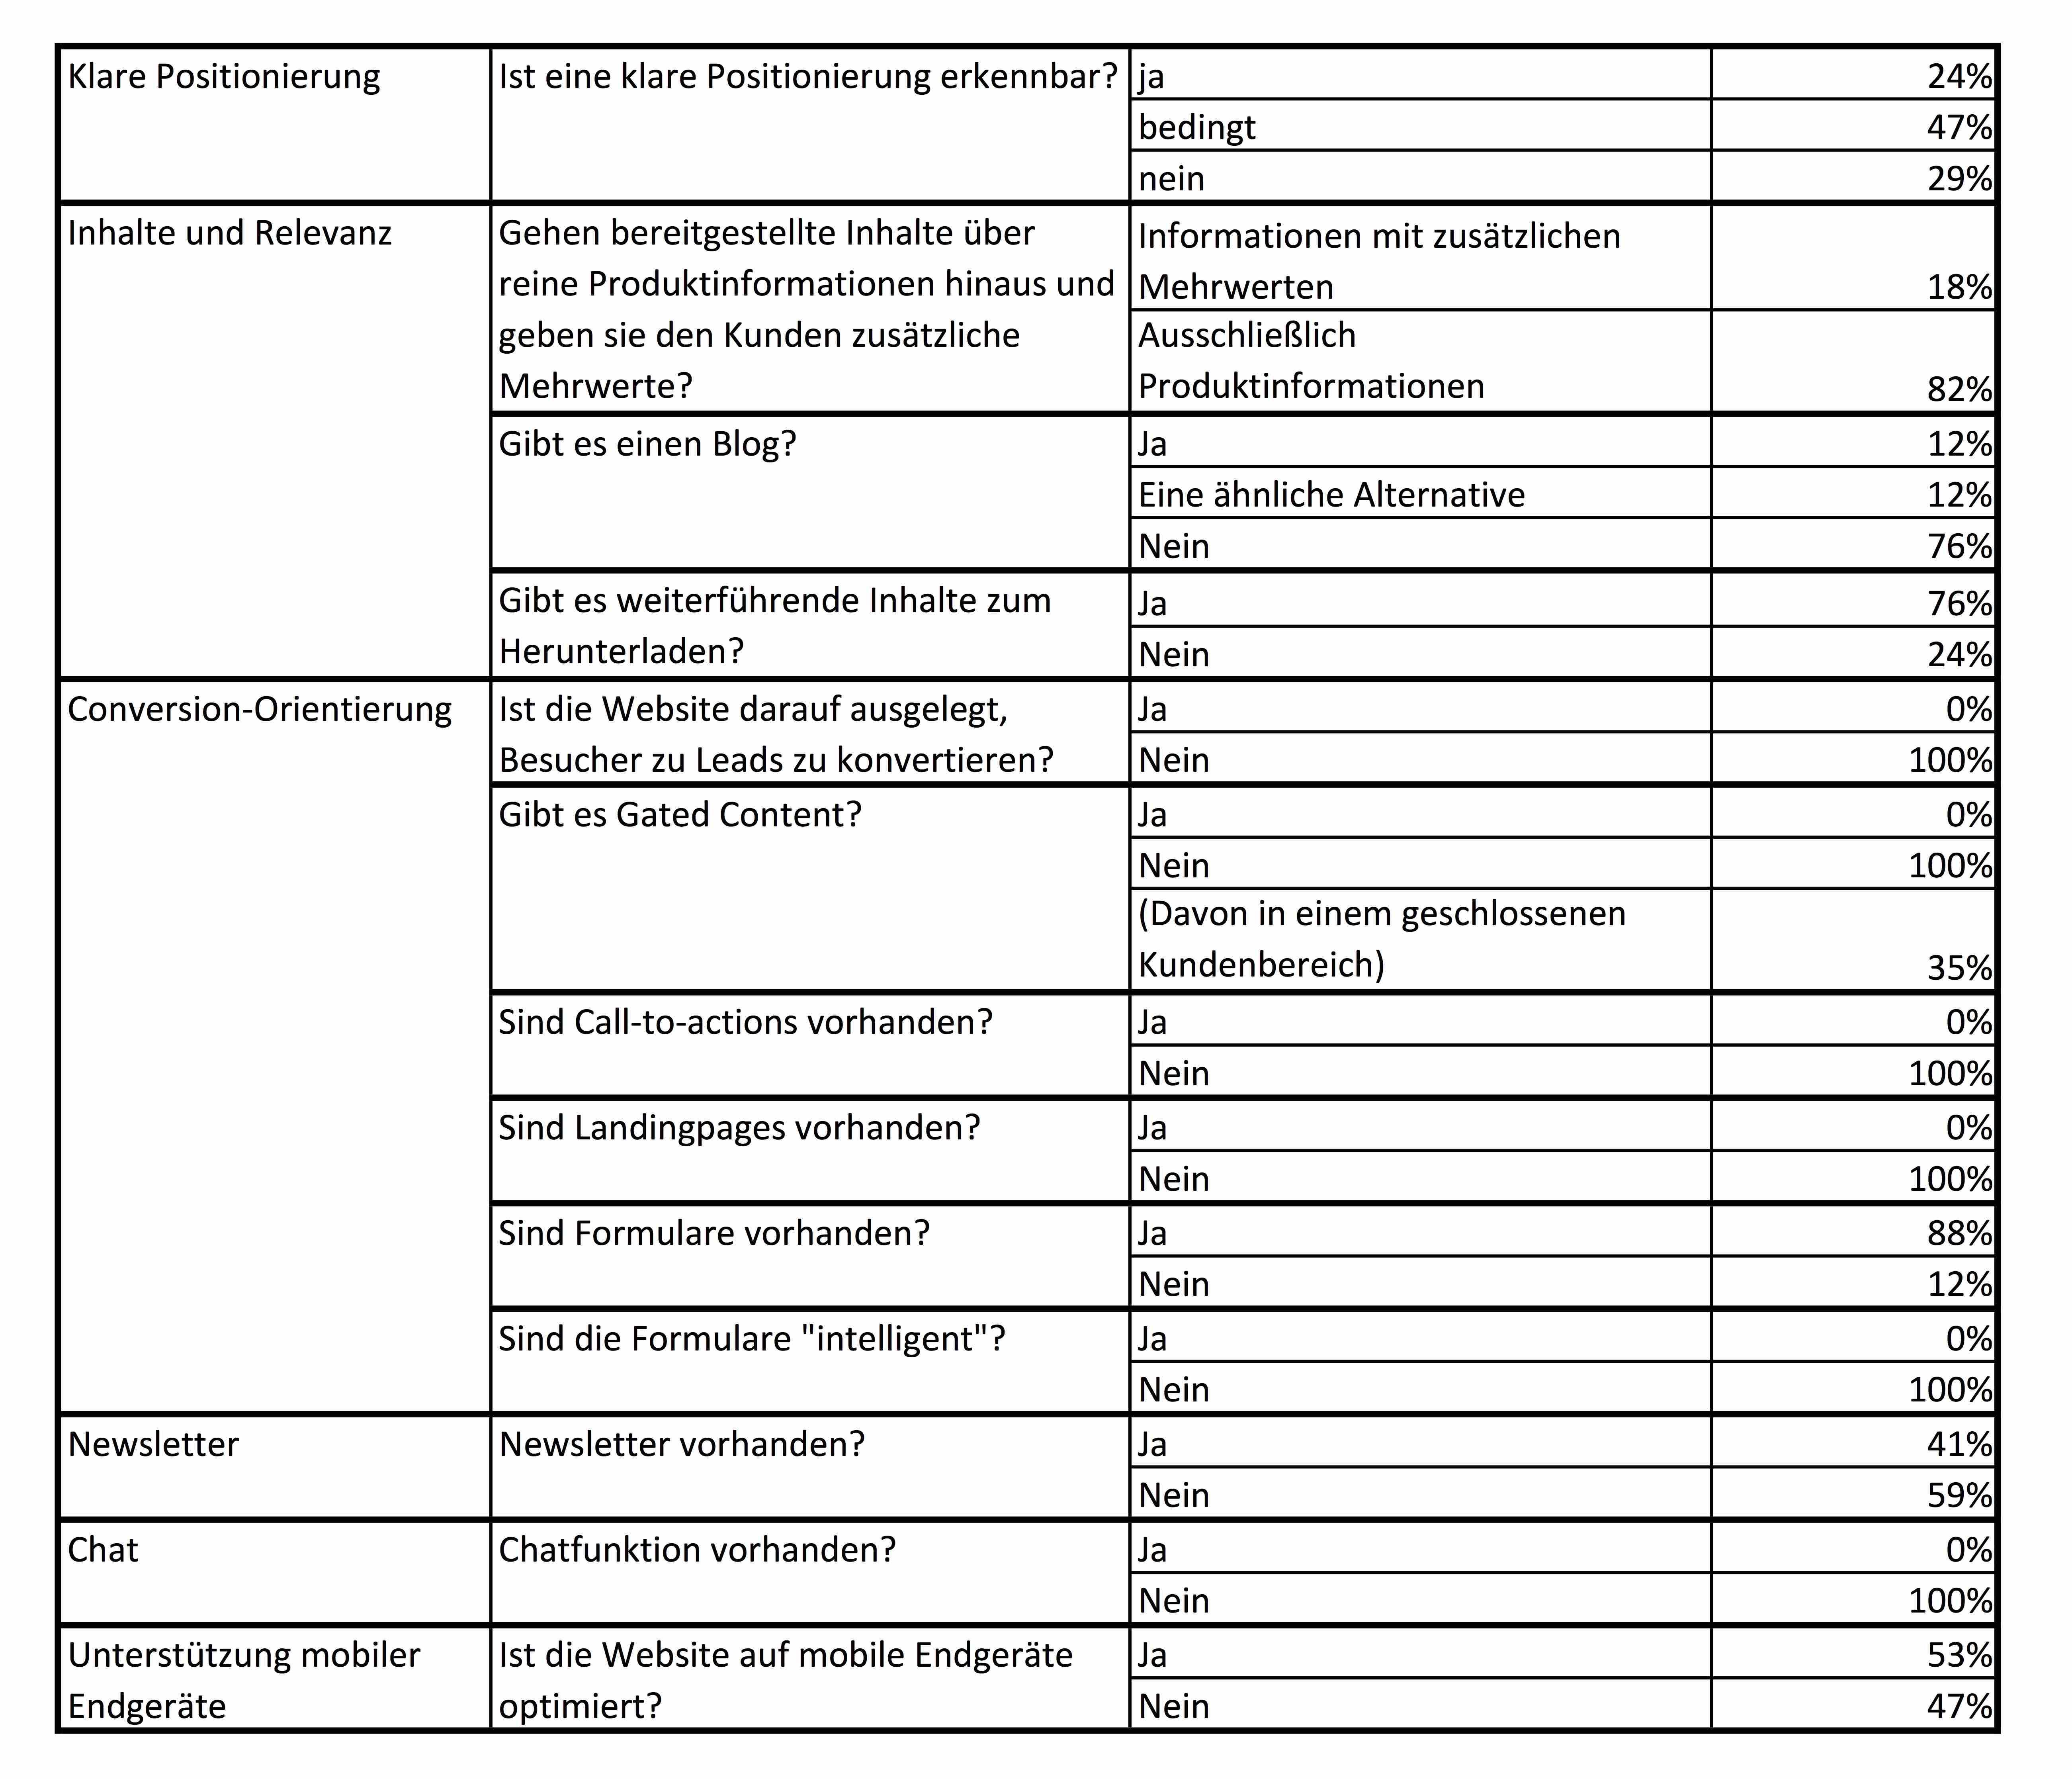 Ergebnisse_im_Überblick_Analyse_Websites_Gastronomie-Hersteller.jpg